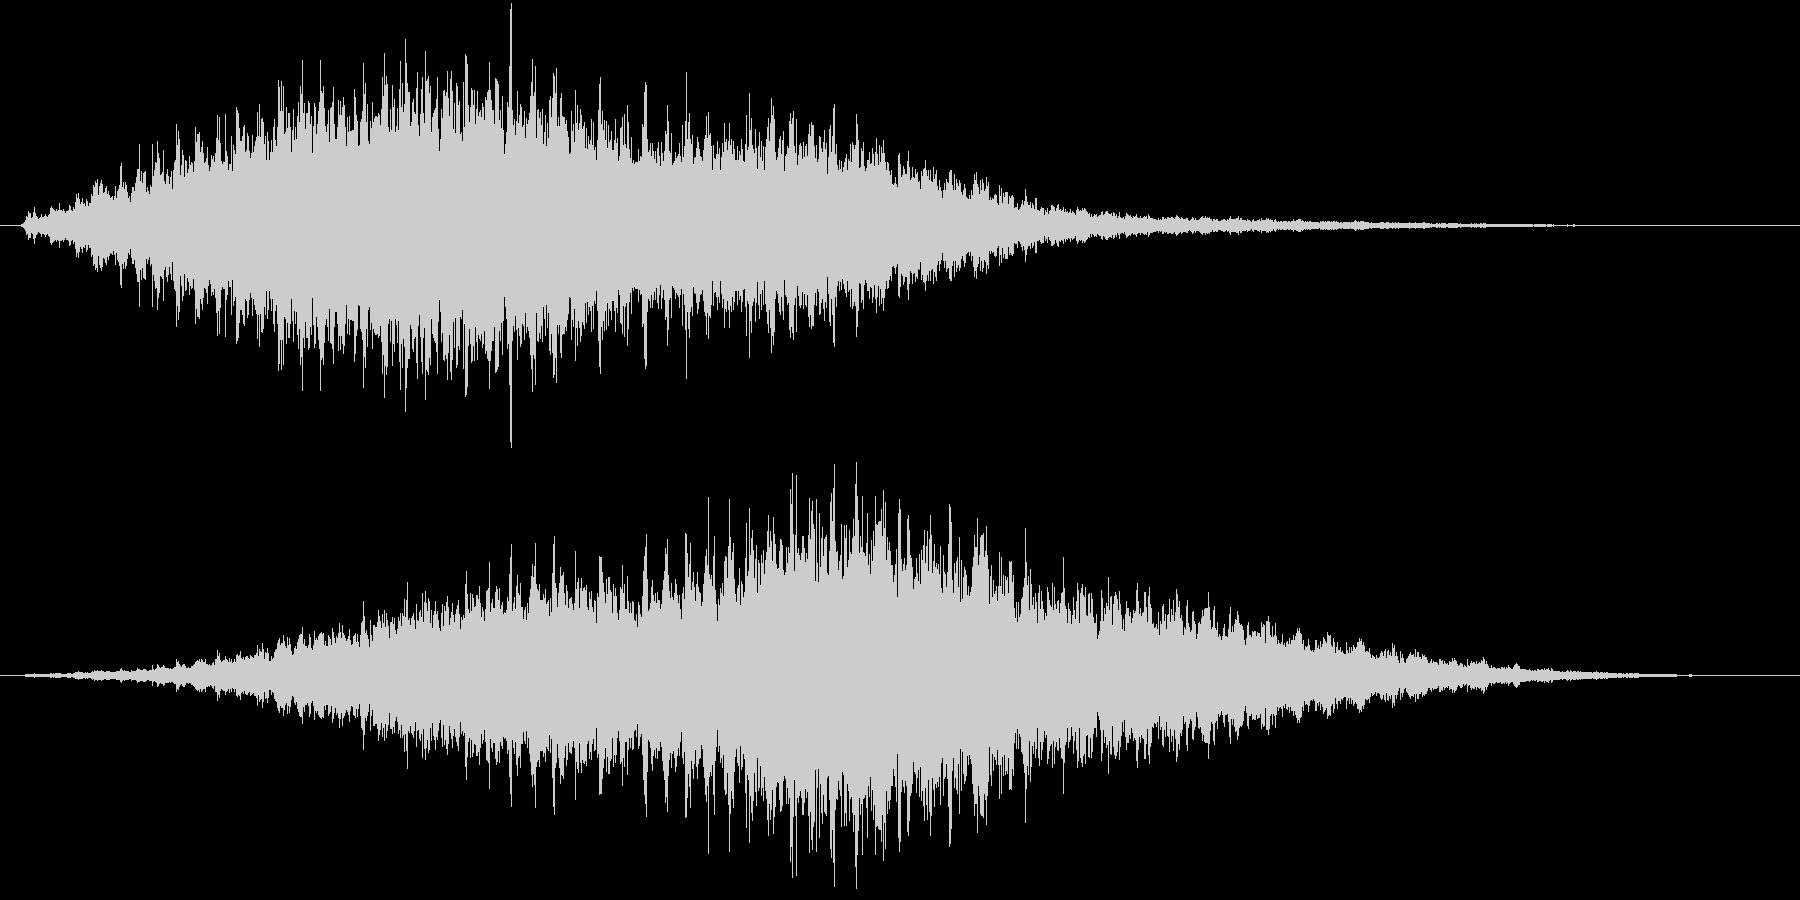 音侍SE「フルフル〜」重めな振り鈴L-Rの未再生の波形